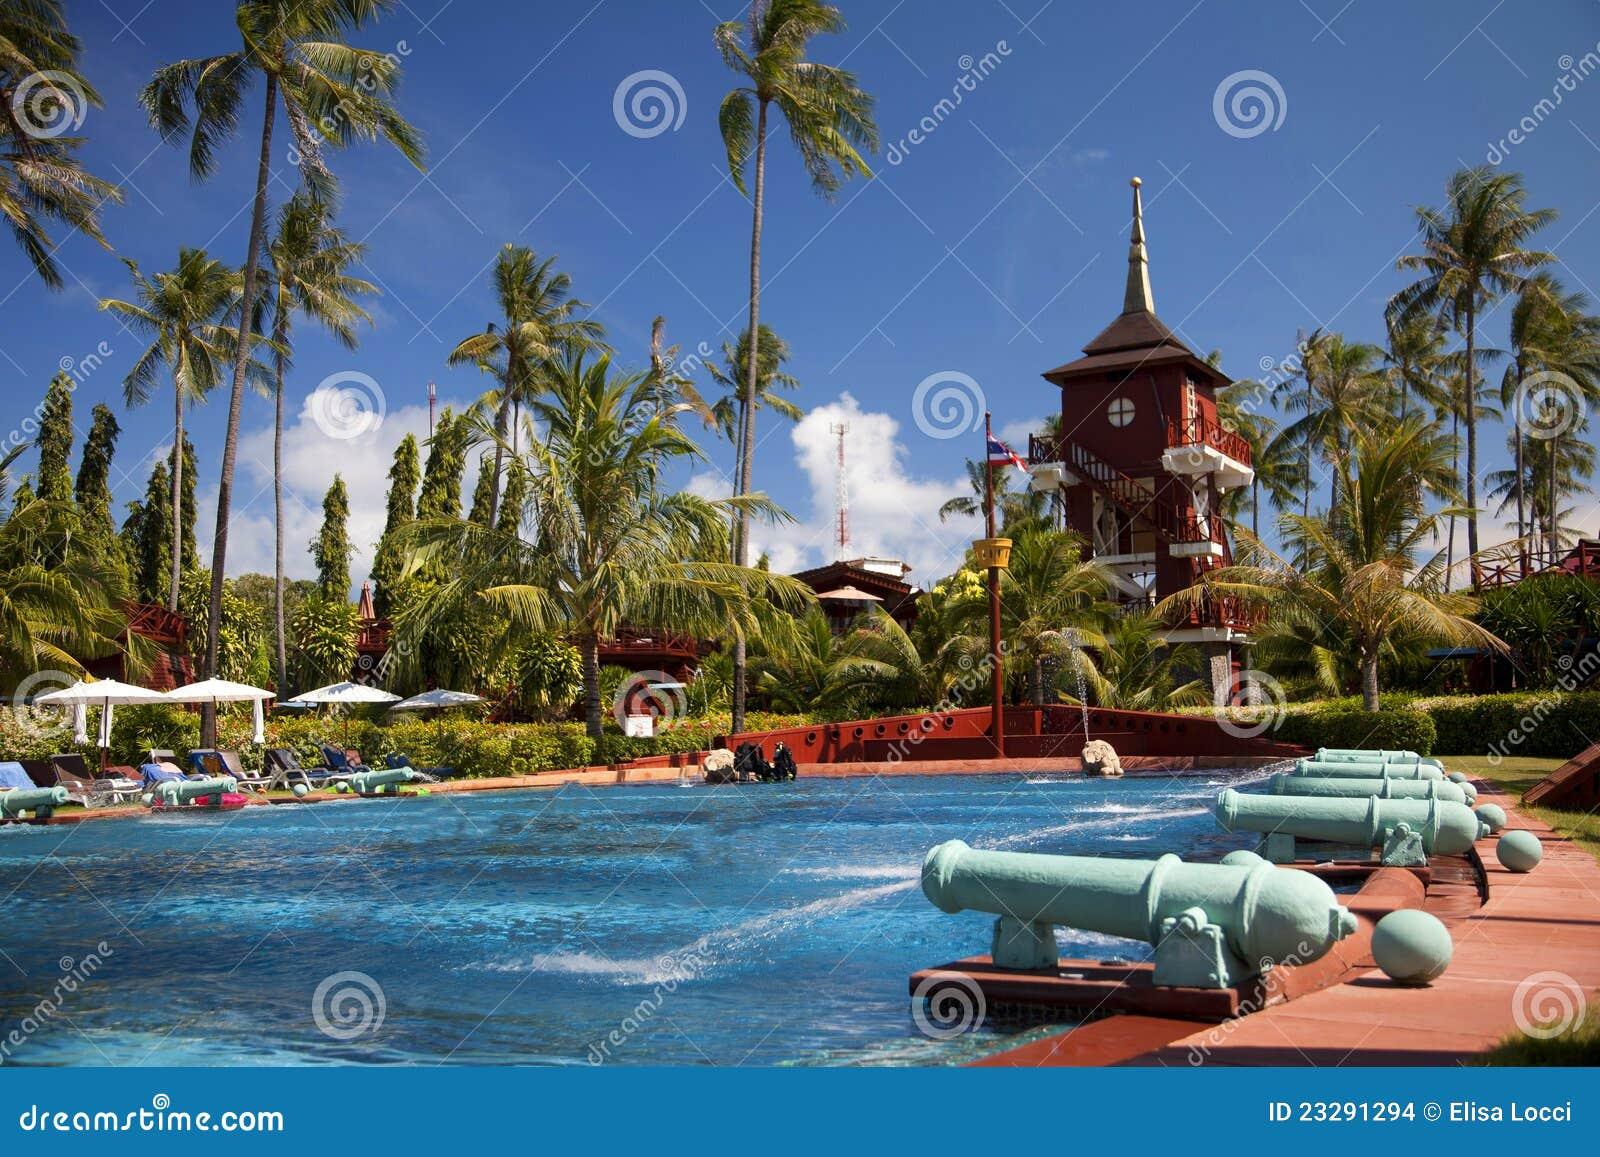 Piscine Dans Une Station De Vacances En Koh Samui, Thaïlande Photo ...